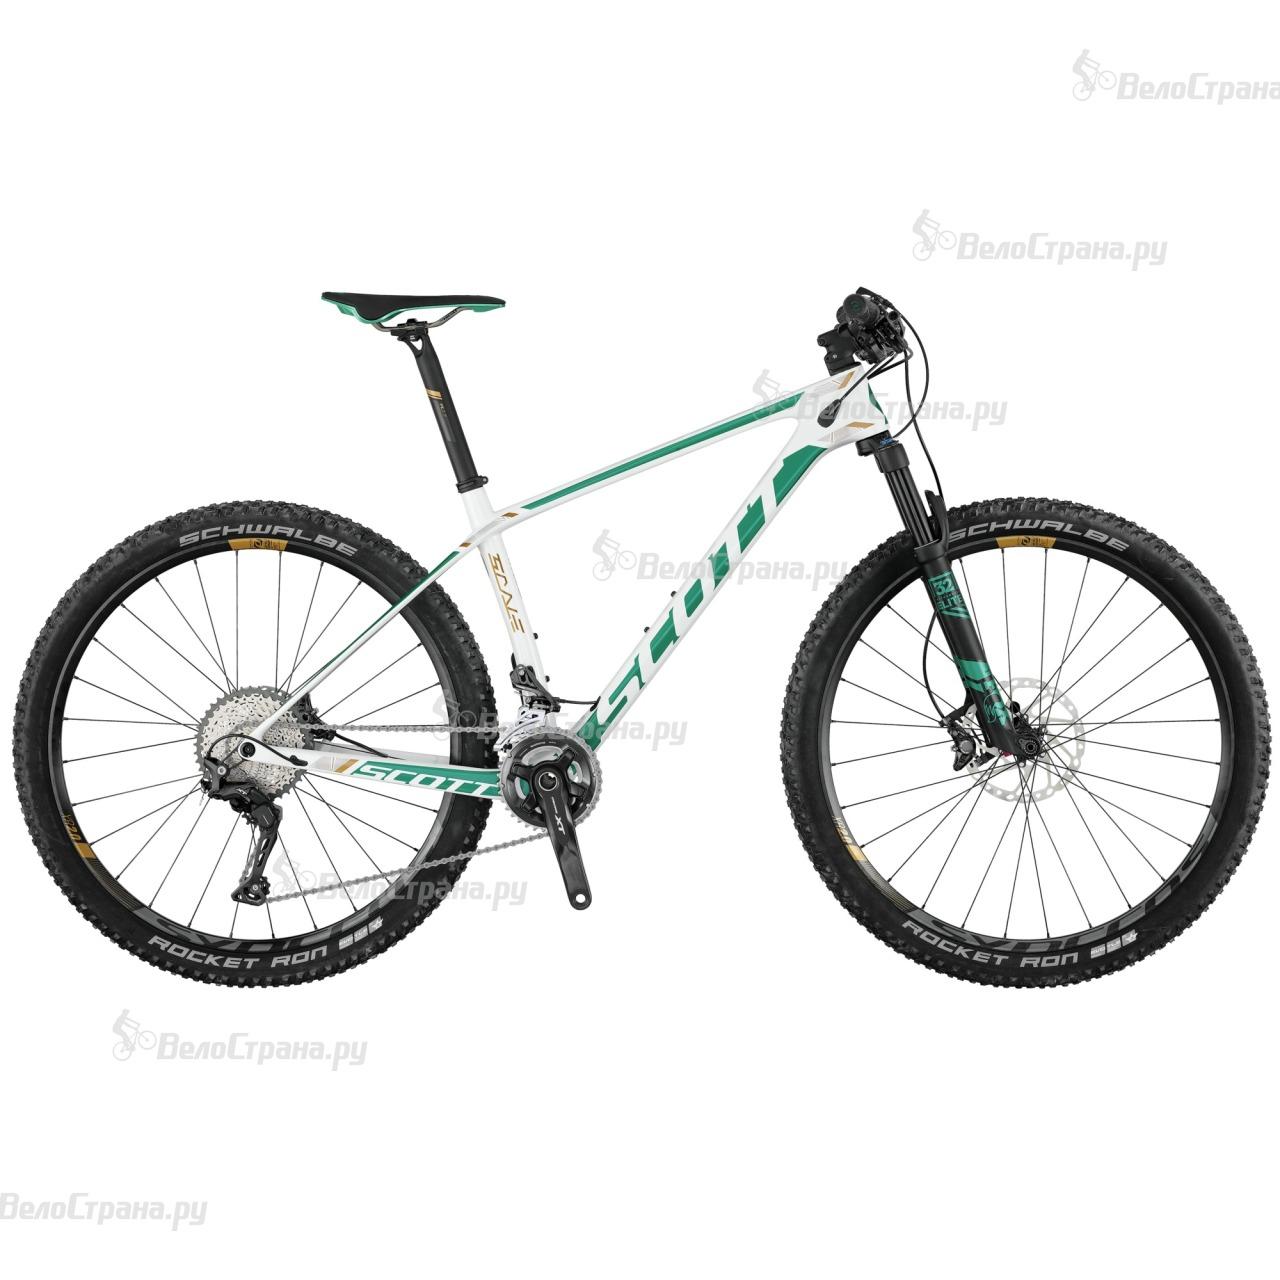 Велосипед Scott Contessa Scale 900 (2017)